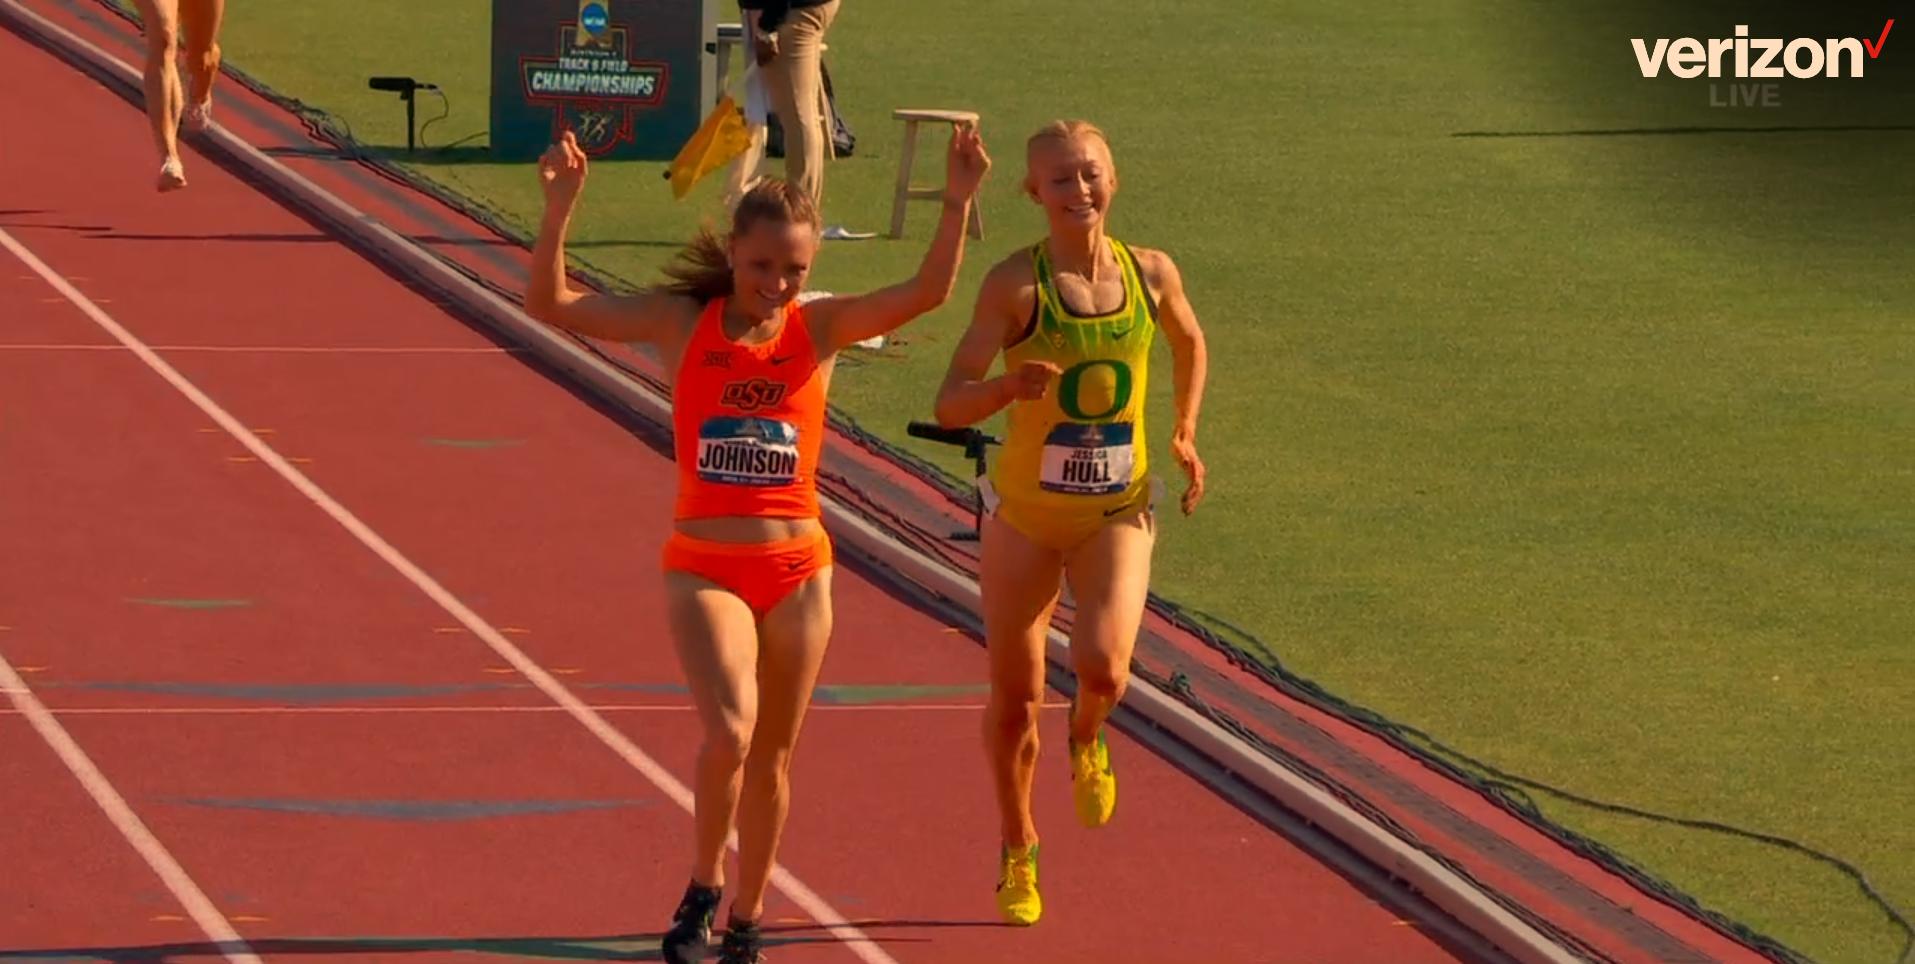 Arkansas women win NCAA track title in final race